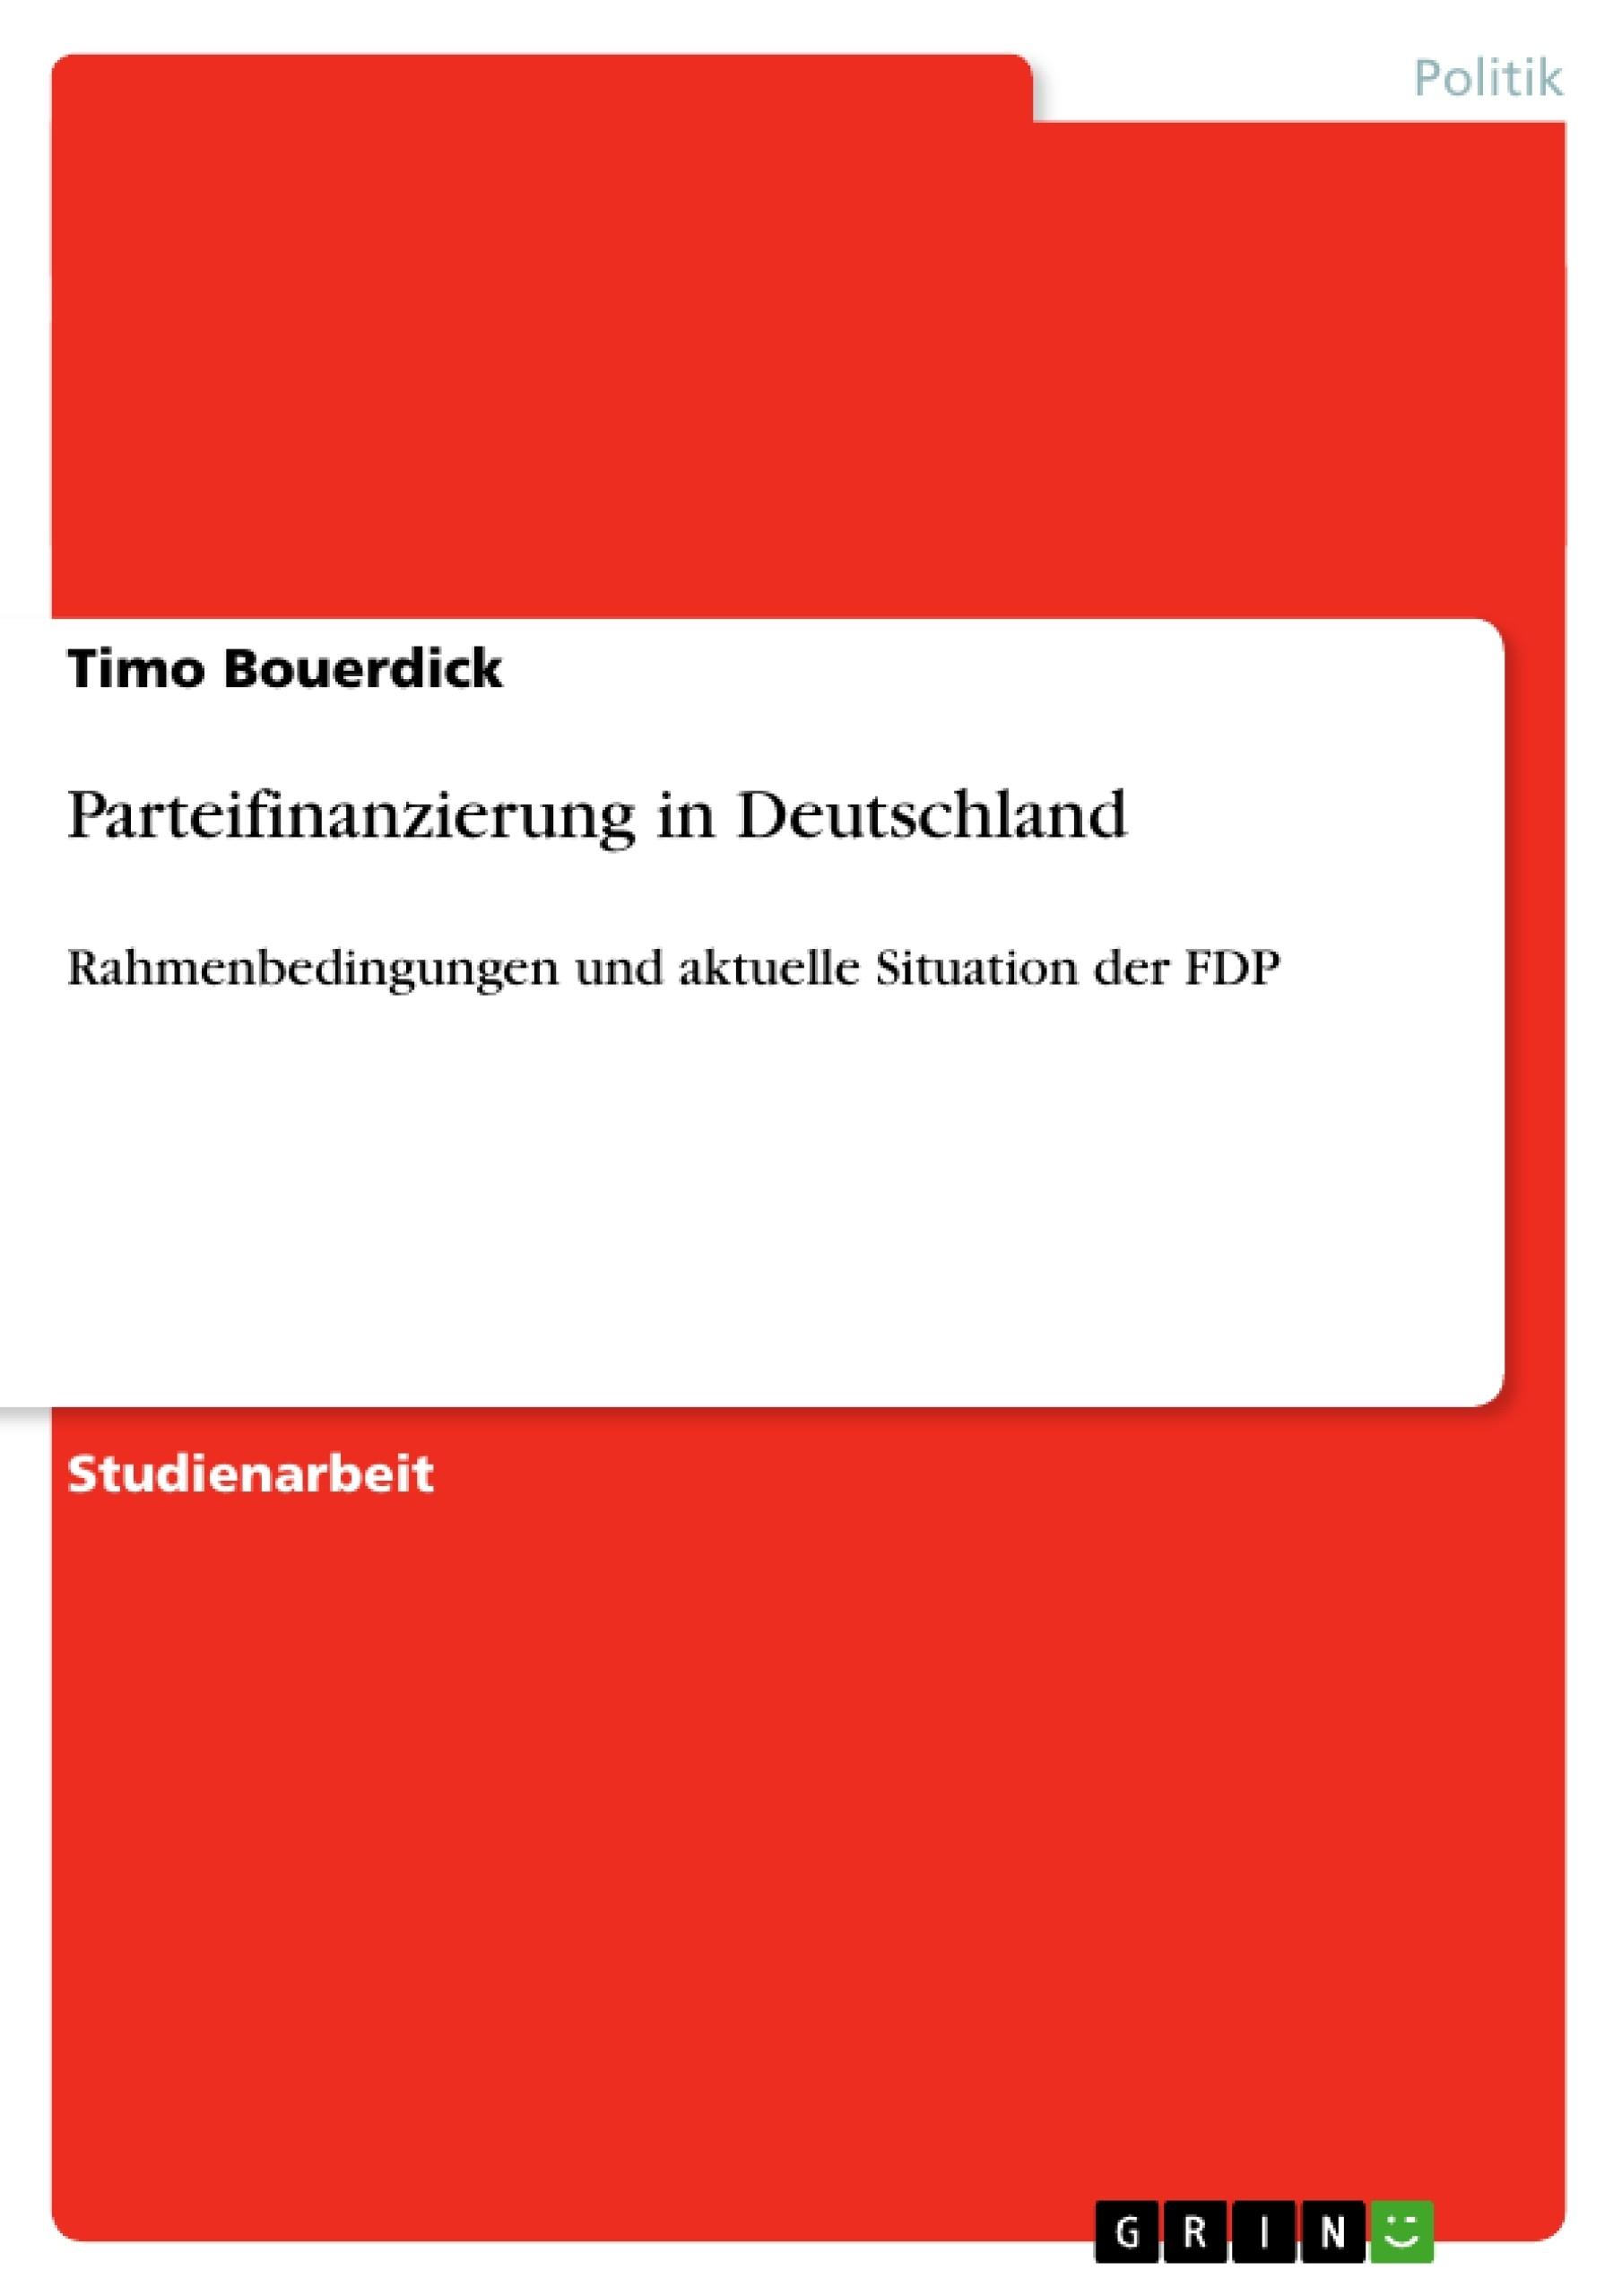 Titel: Parteifinanzierung in Deutschland